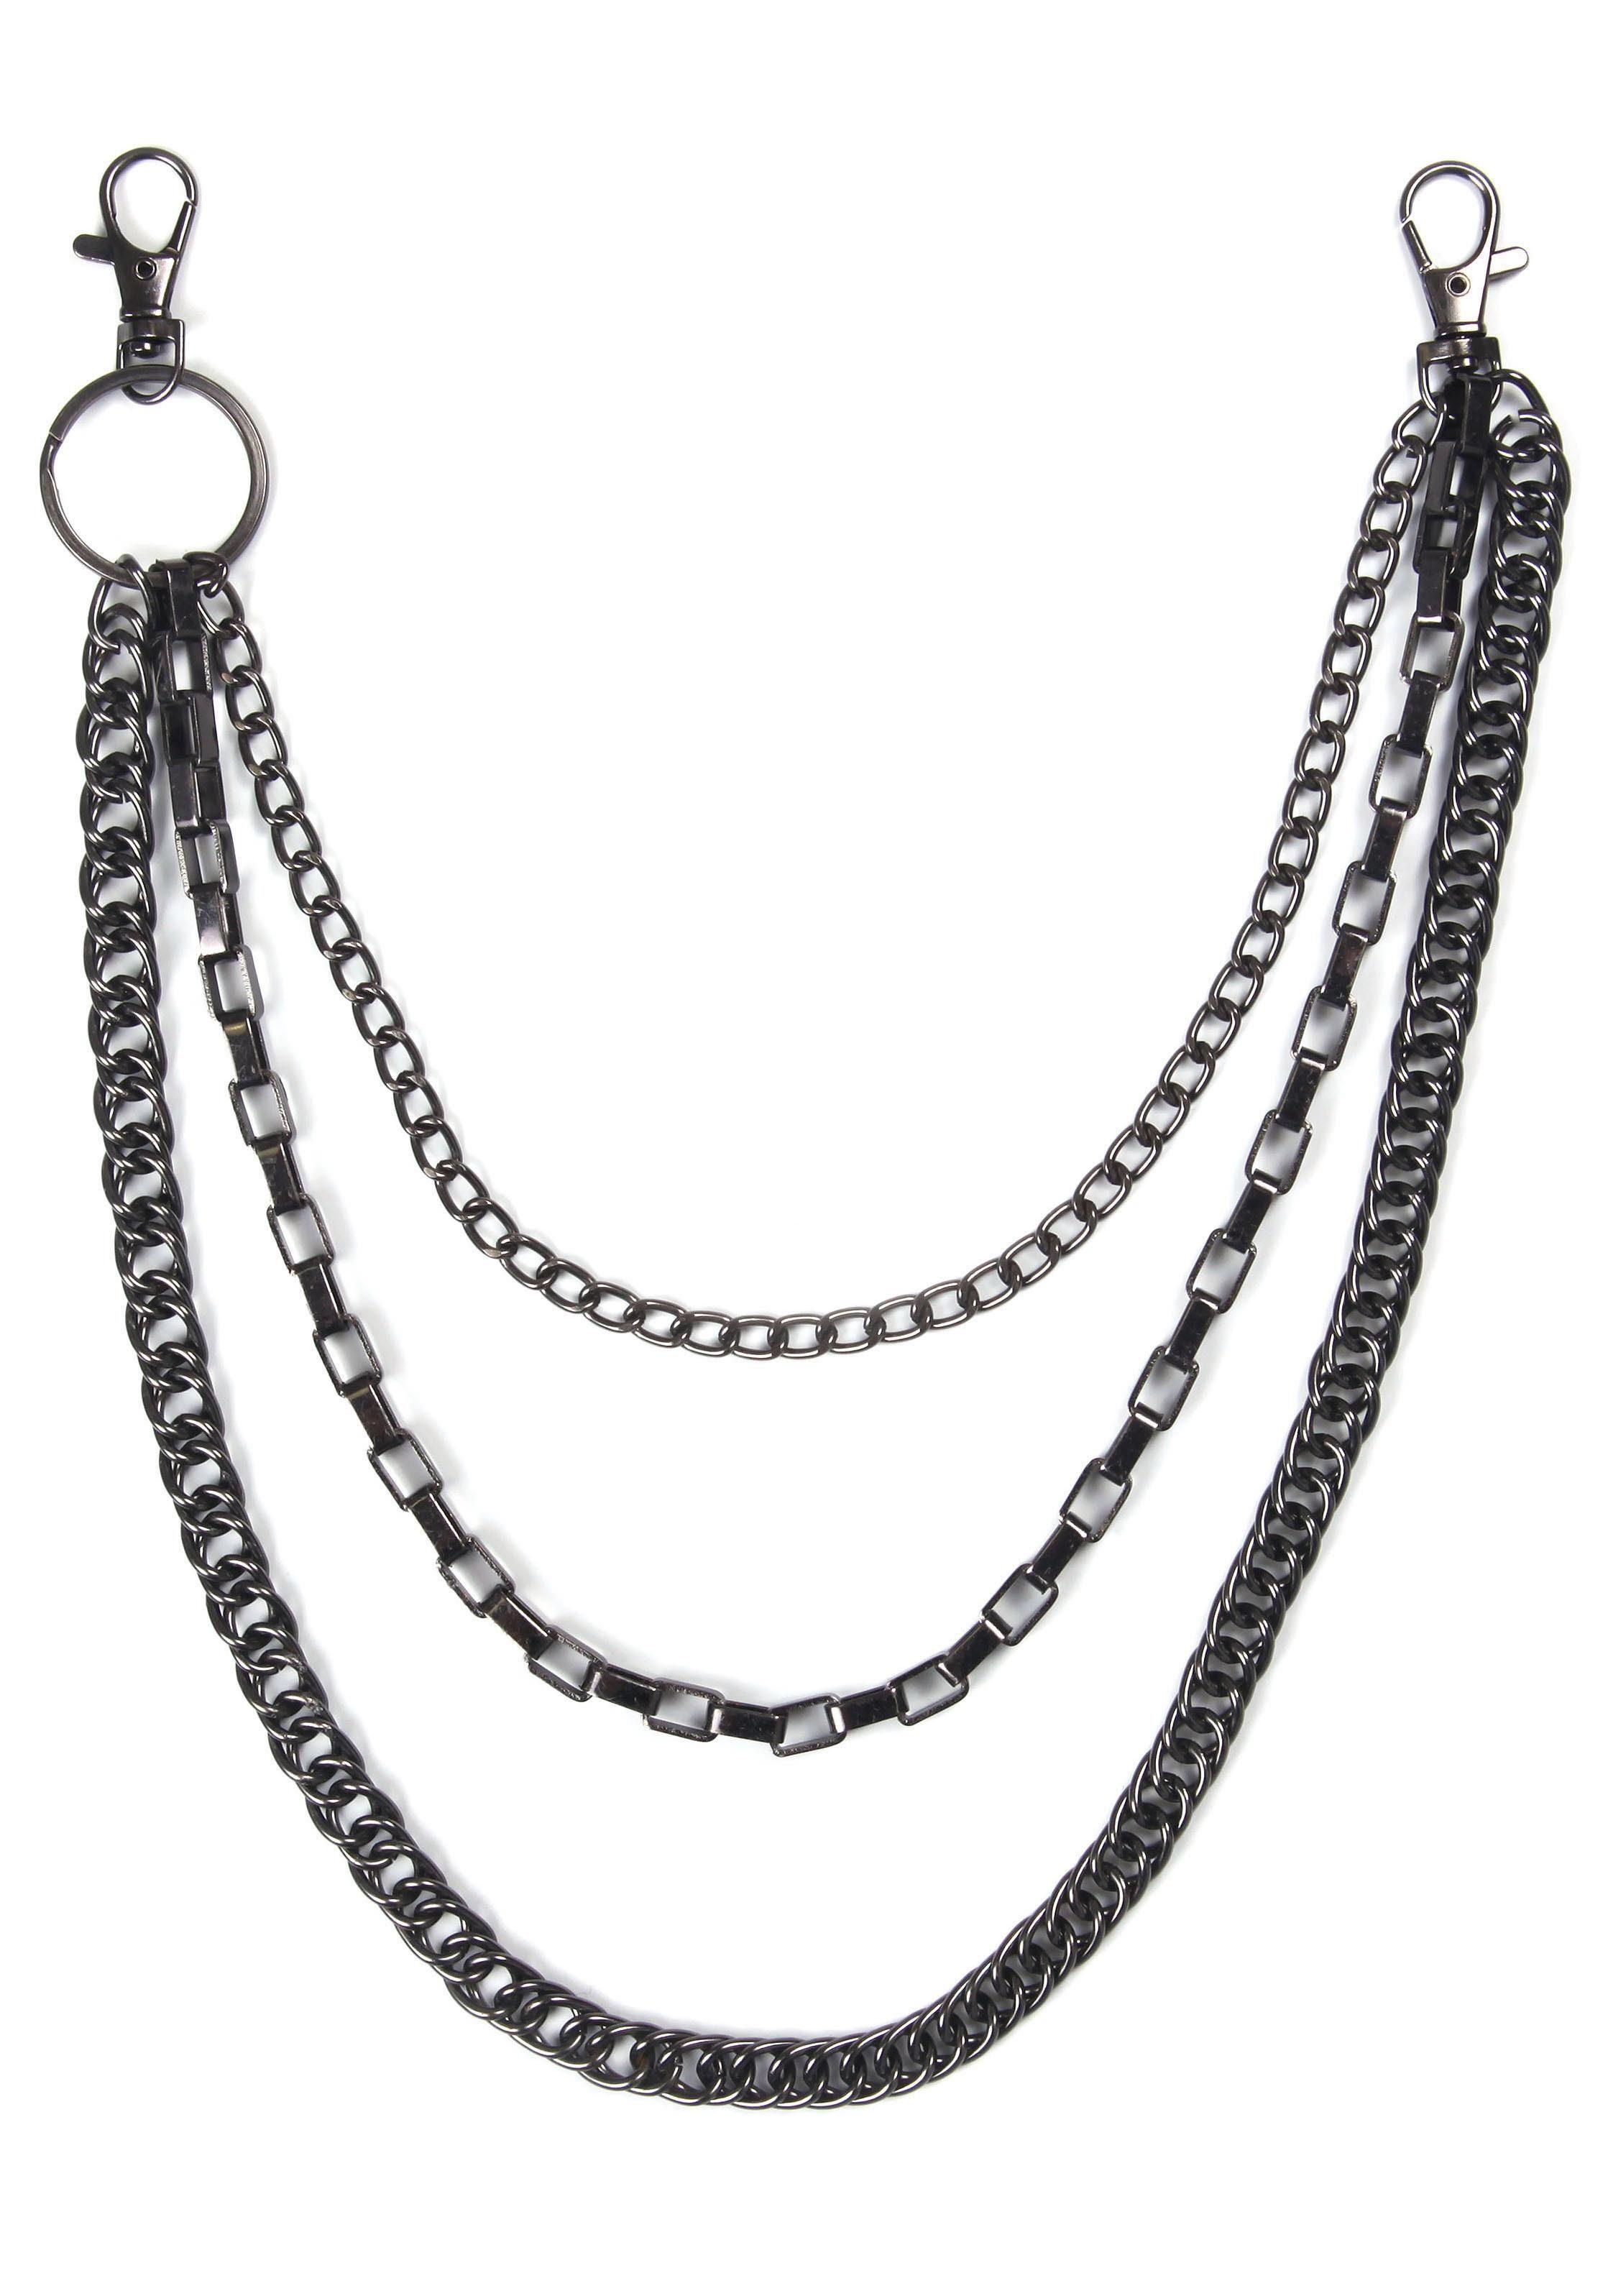 J.Jayz Hosenkette, mehrreihige Venezianer-/Gliederkettengliederung, Kreuz | Schmuck > Halsketten > Gliederketten | J.Jayz